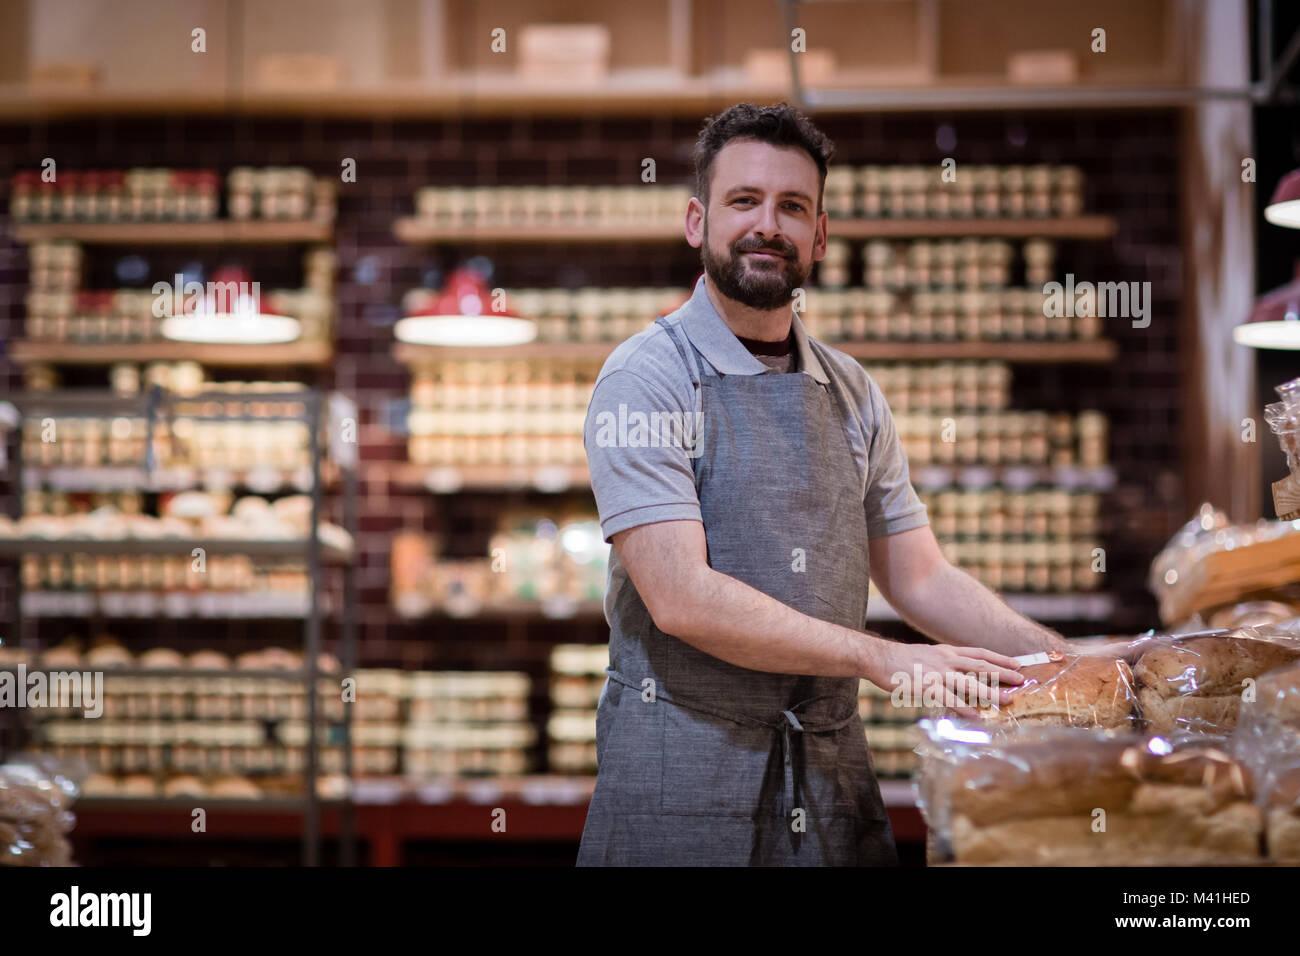 Baker en panadería mirando a la cámara Imagen De Stock